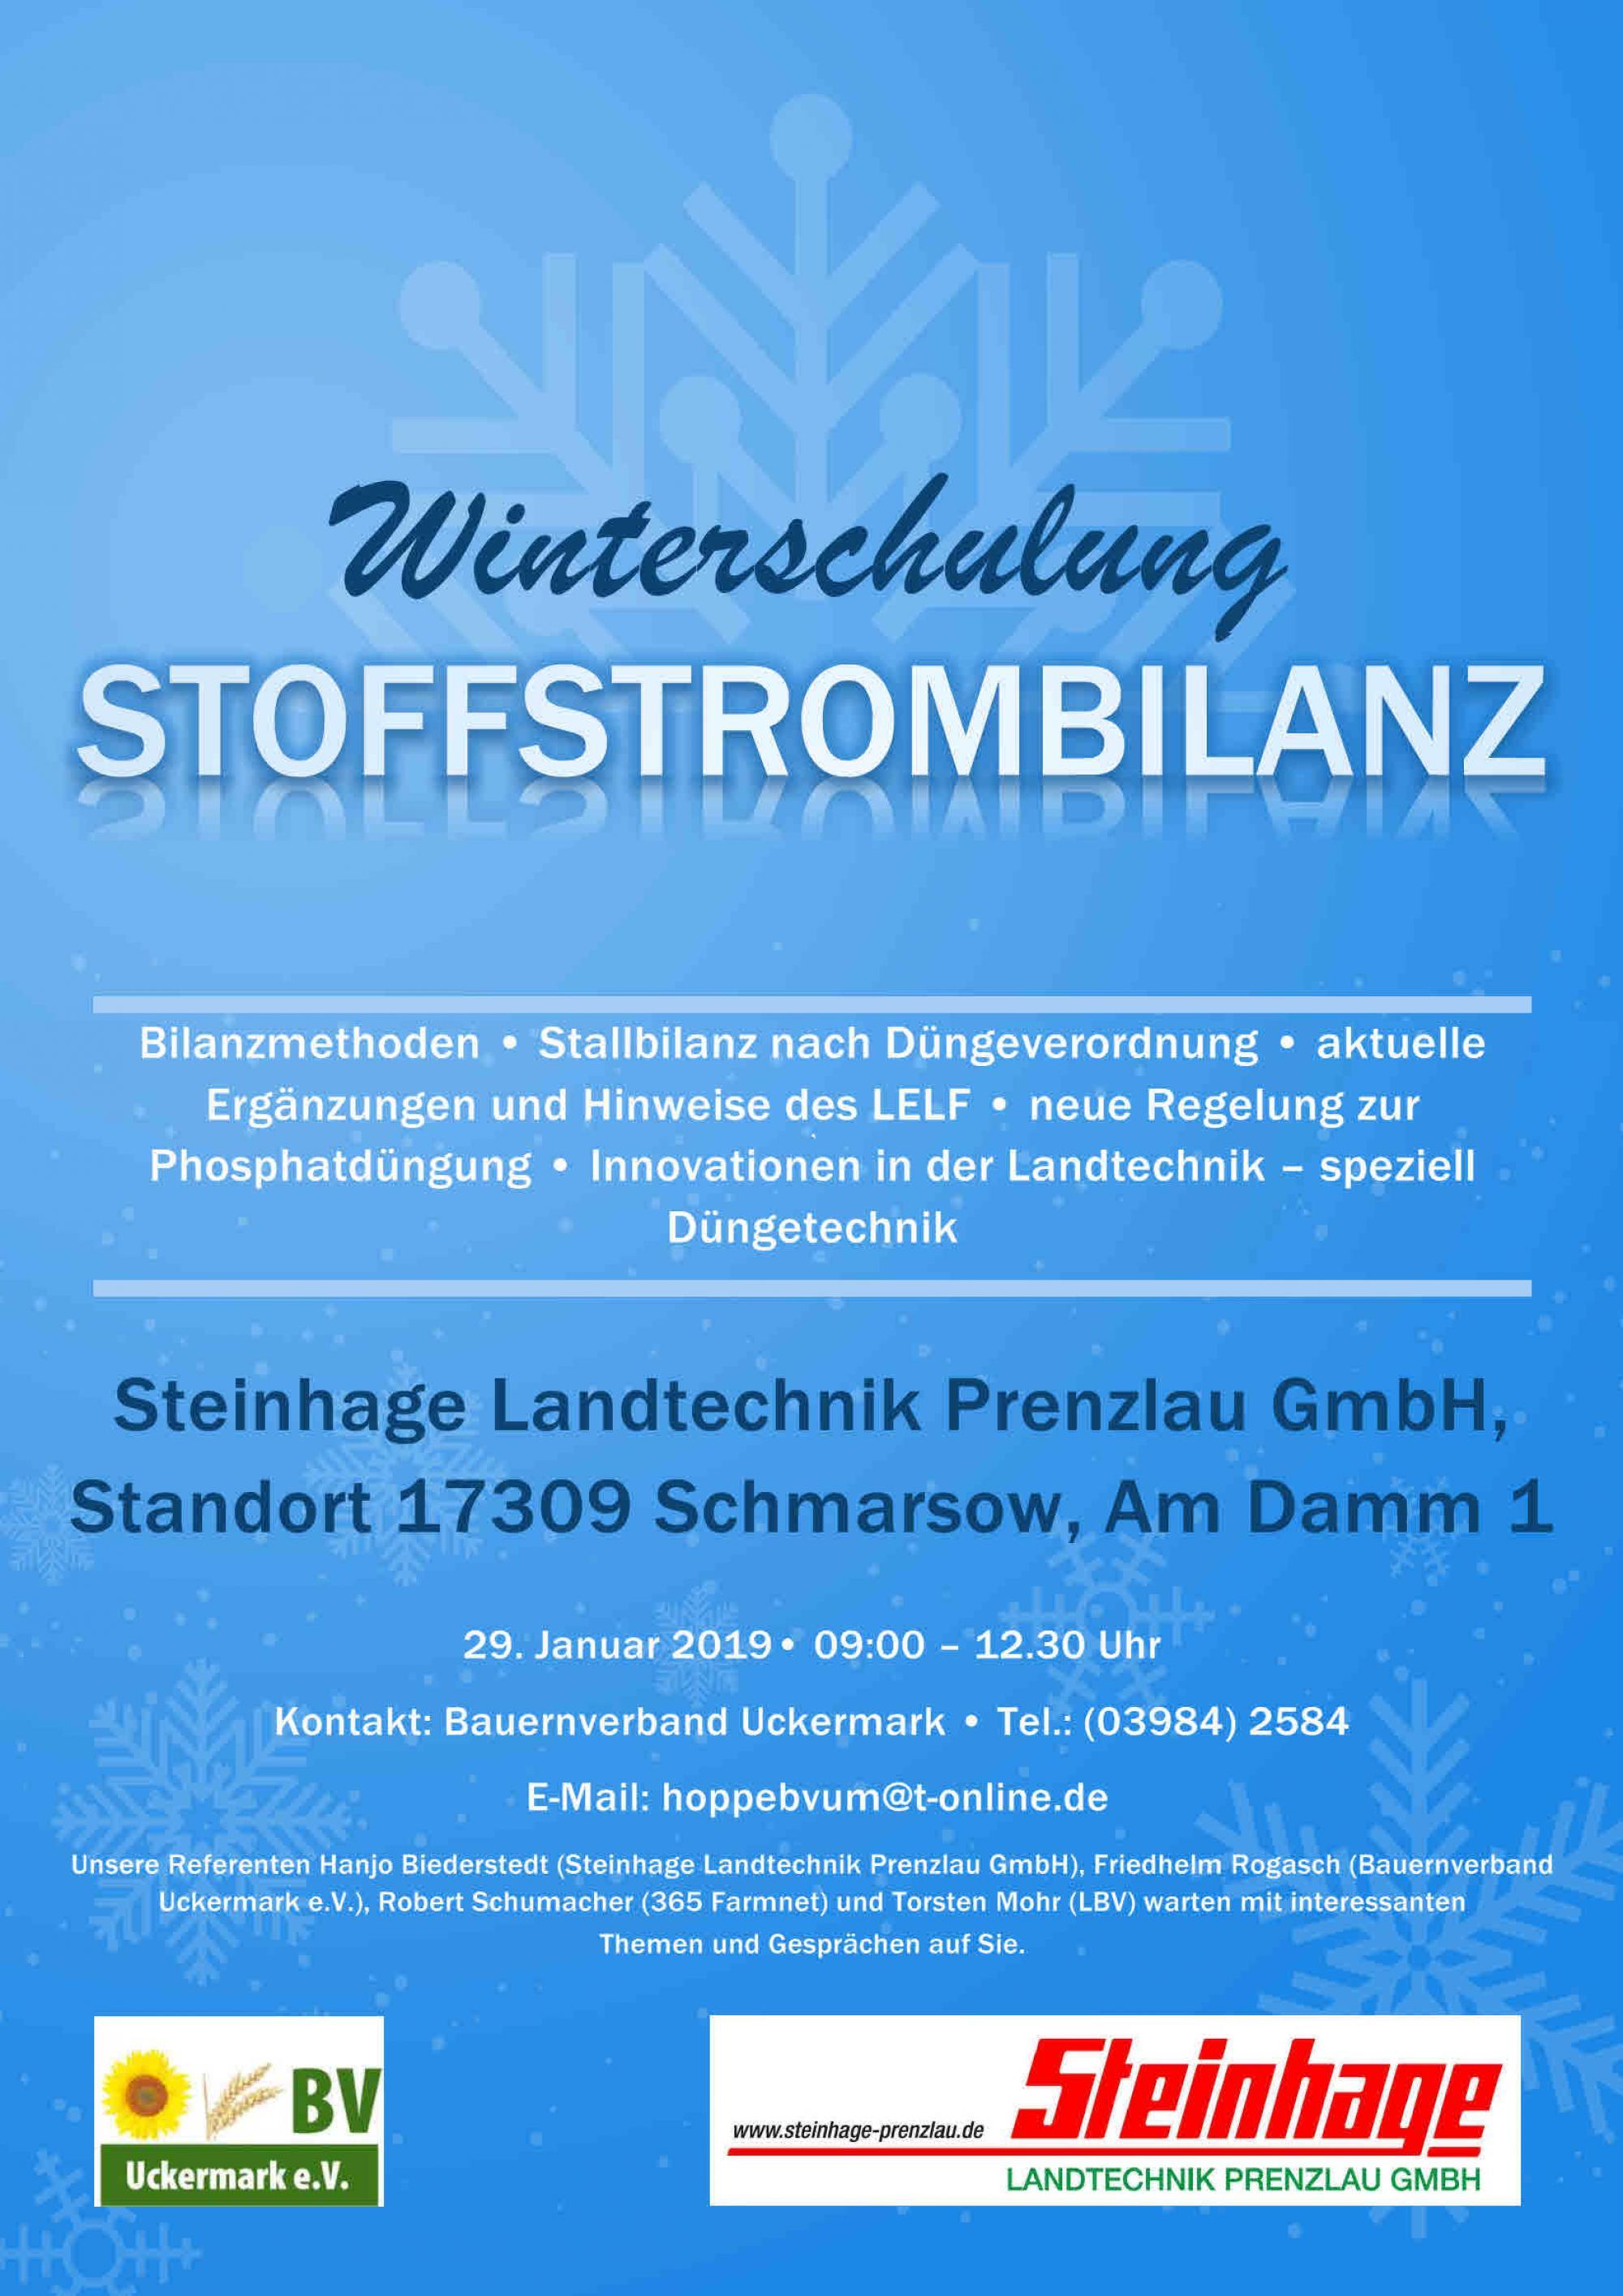 Startseite Steinhage Landtechnik Prenzlau Gmbh